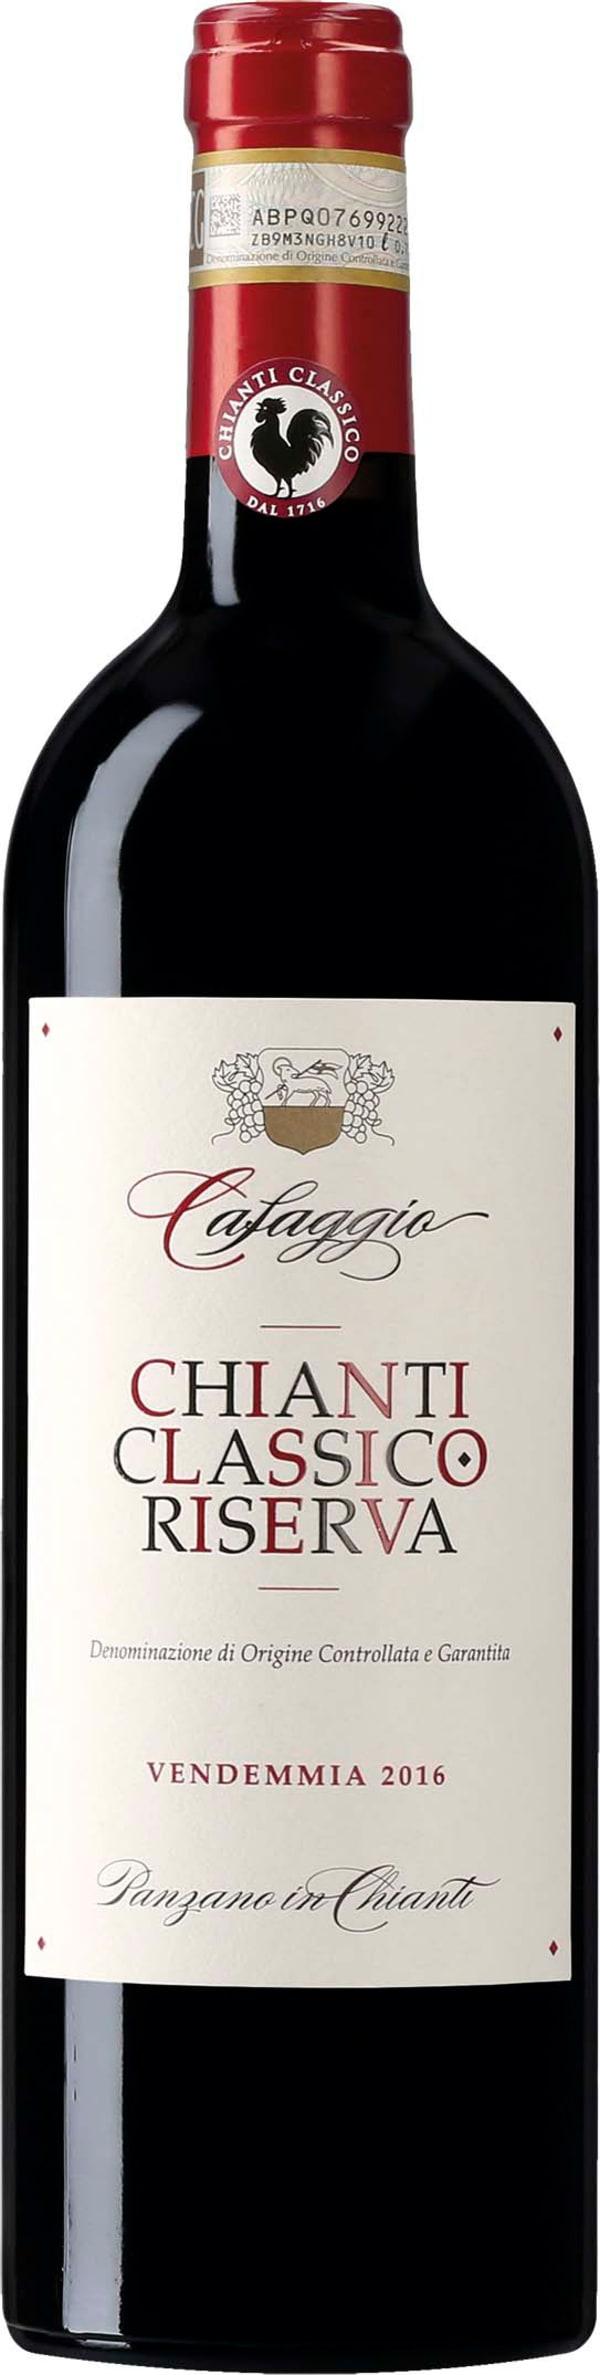 Villa Cafaggio Chianti Classico Riserva 2011